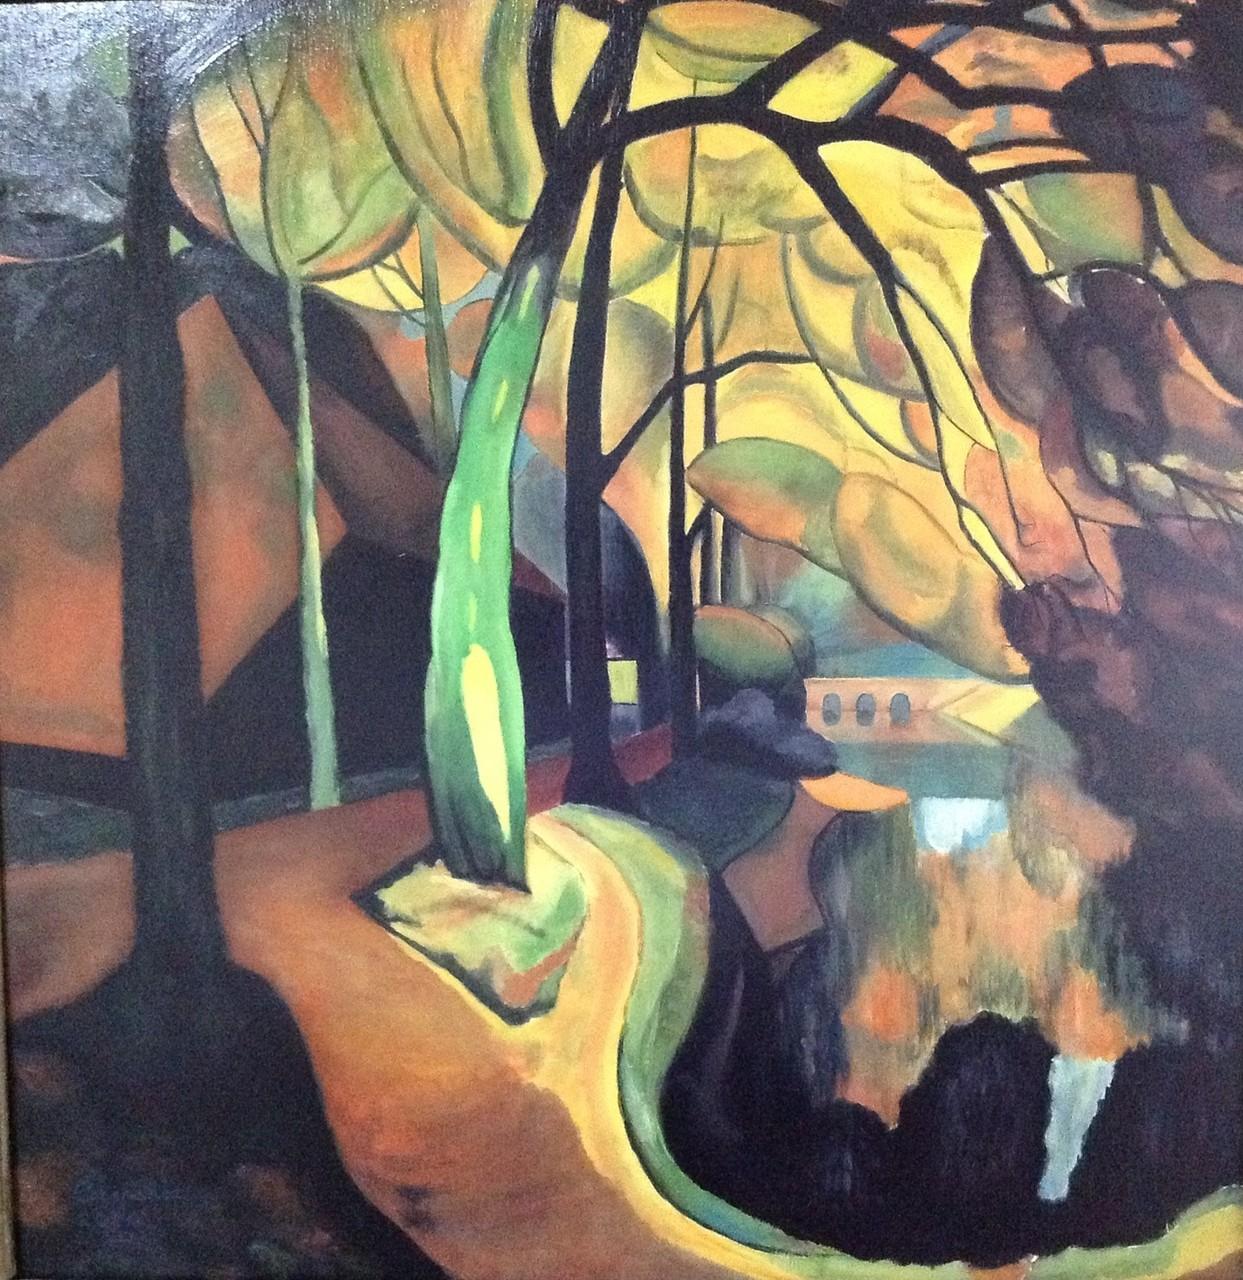 de zwarte schuur, naar Gerrit van Bladeren (Bergense school), olieverf op linnen, 90x90 cm.